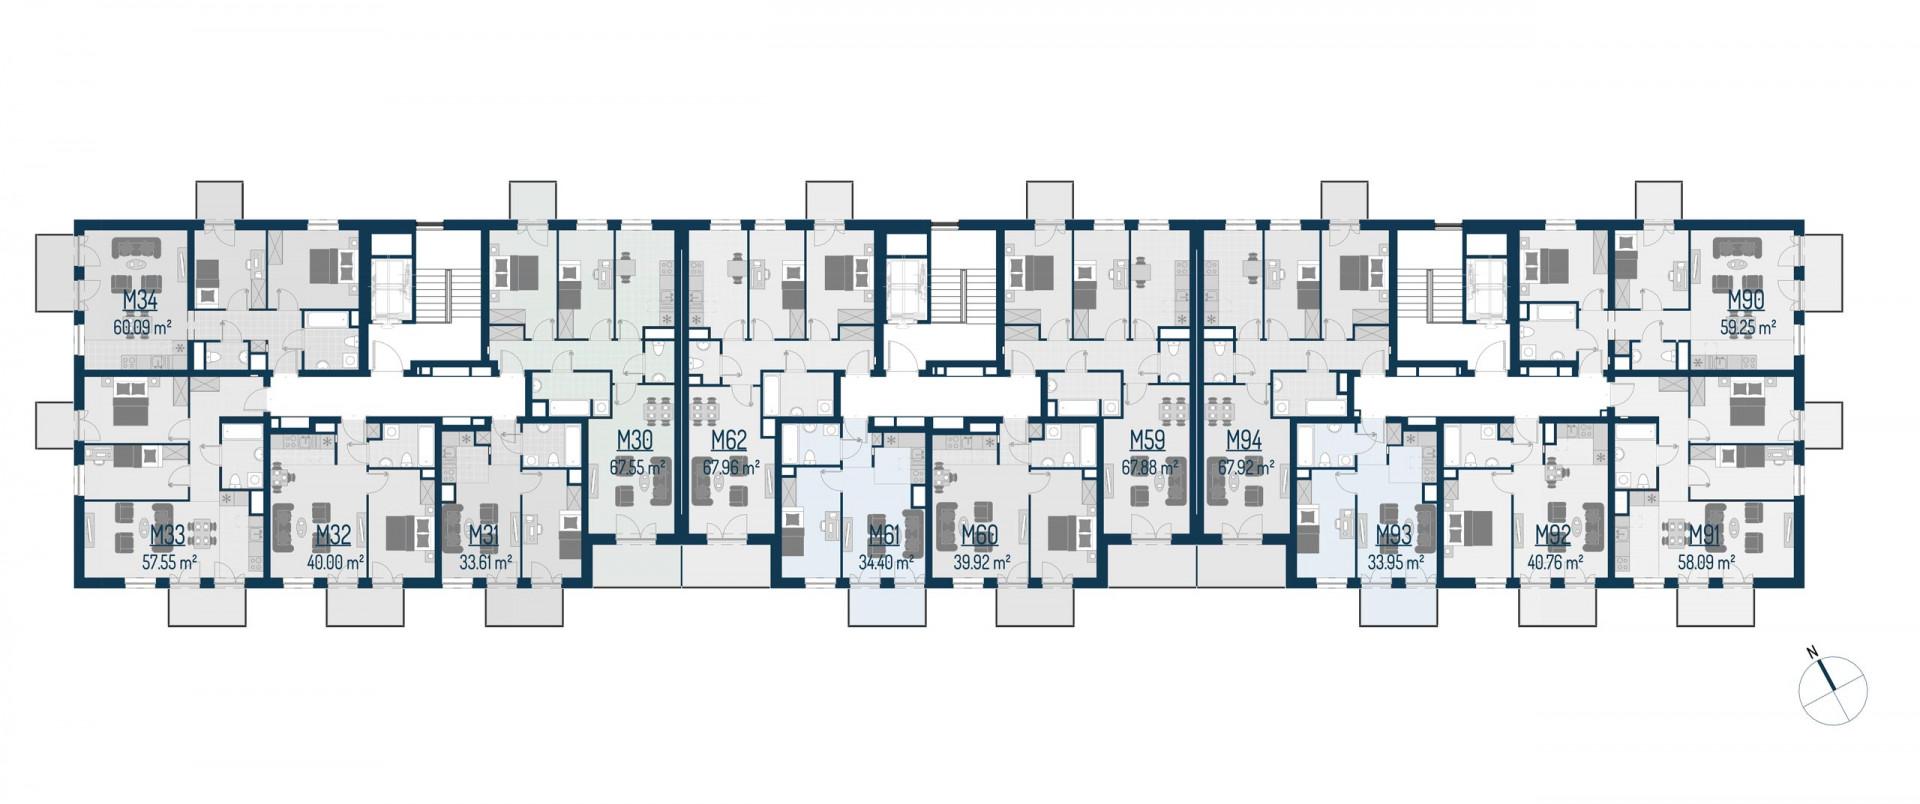 Zdrowe Stylove / budynek 1 / mieszkanie nr M94 rzut 2